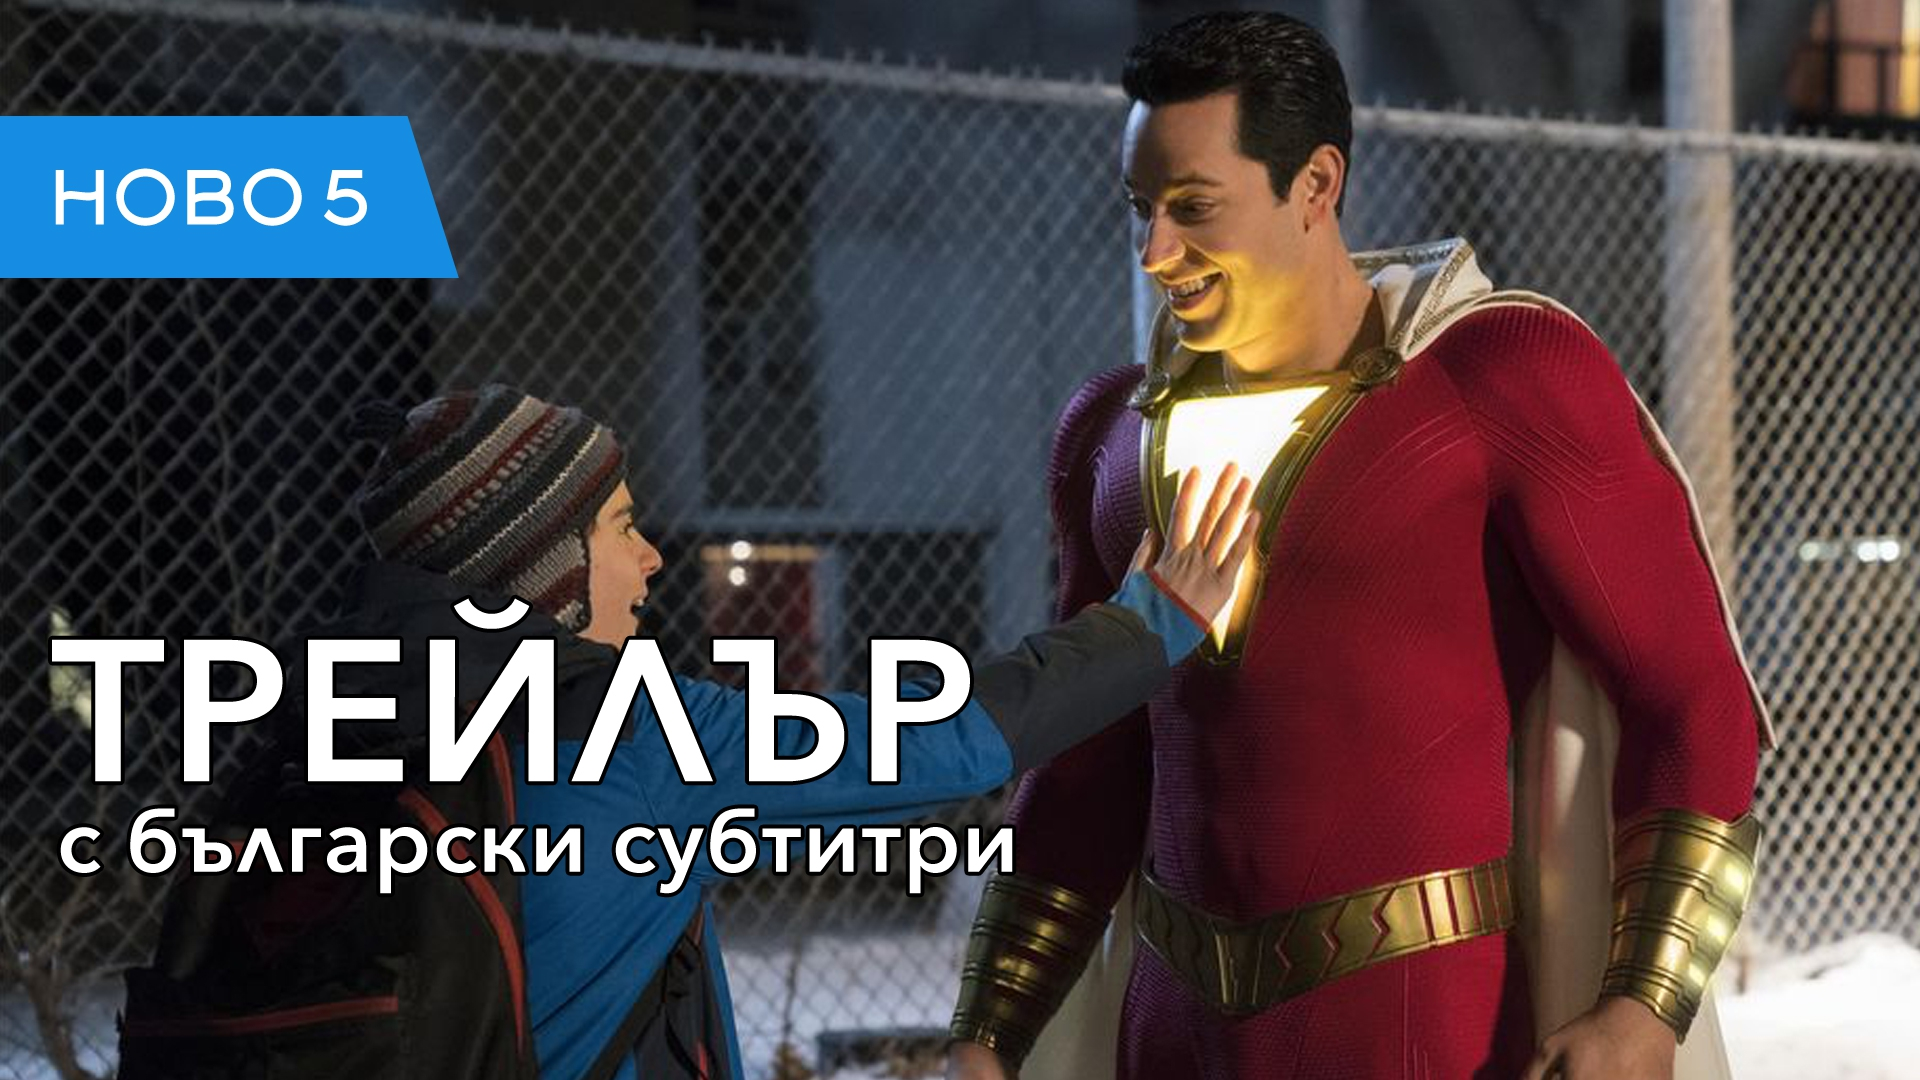 Шазам! (2019) първи трейлър с български субтитри